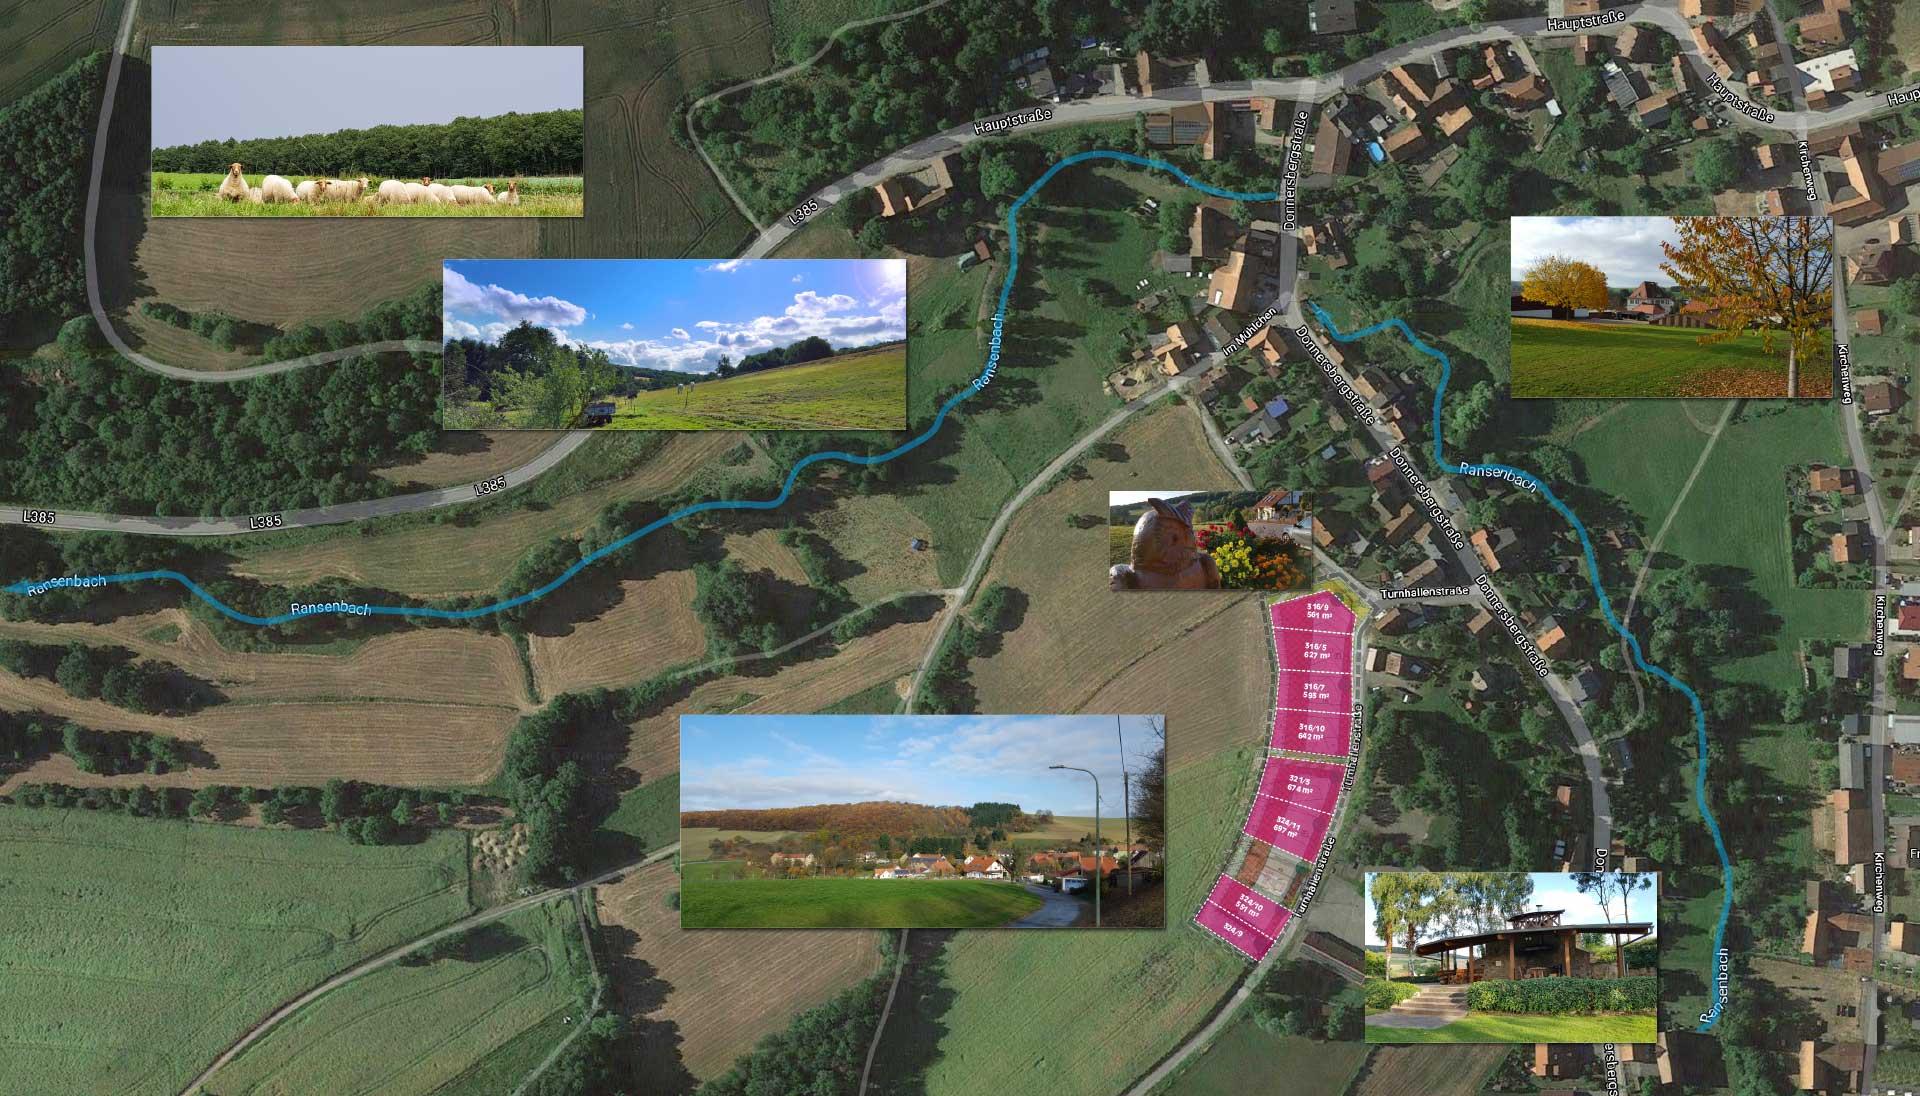 Ransweiler in einer Luftaufnahme. Die Baugrundstücke sind rot eingezeichnet. (© Google Maps)